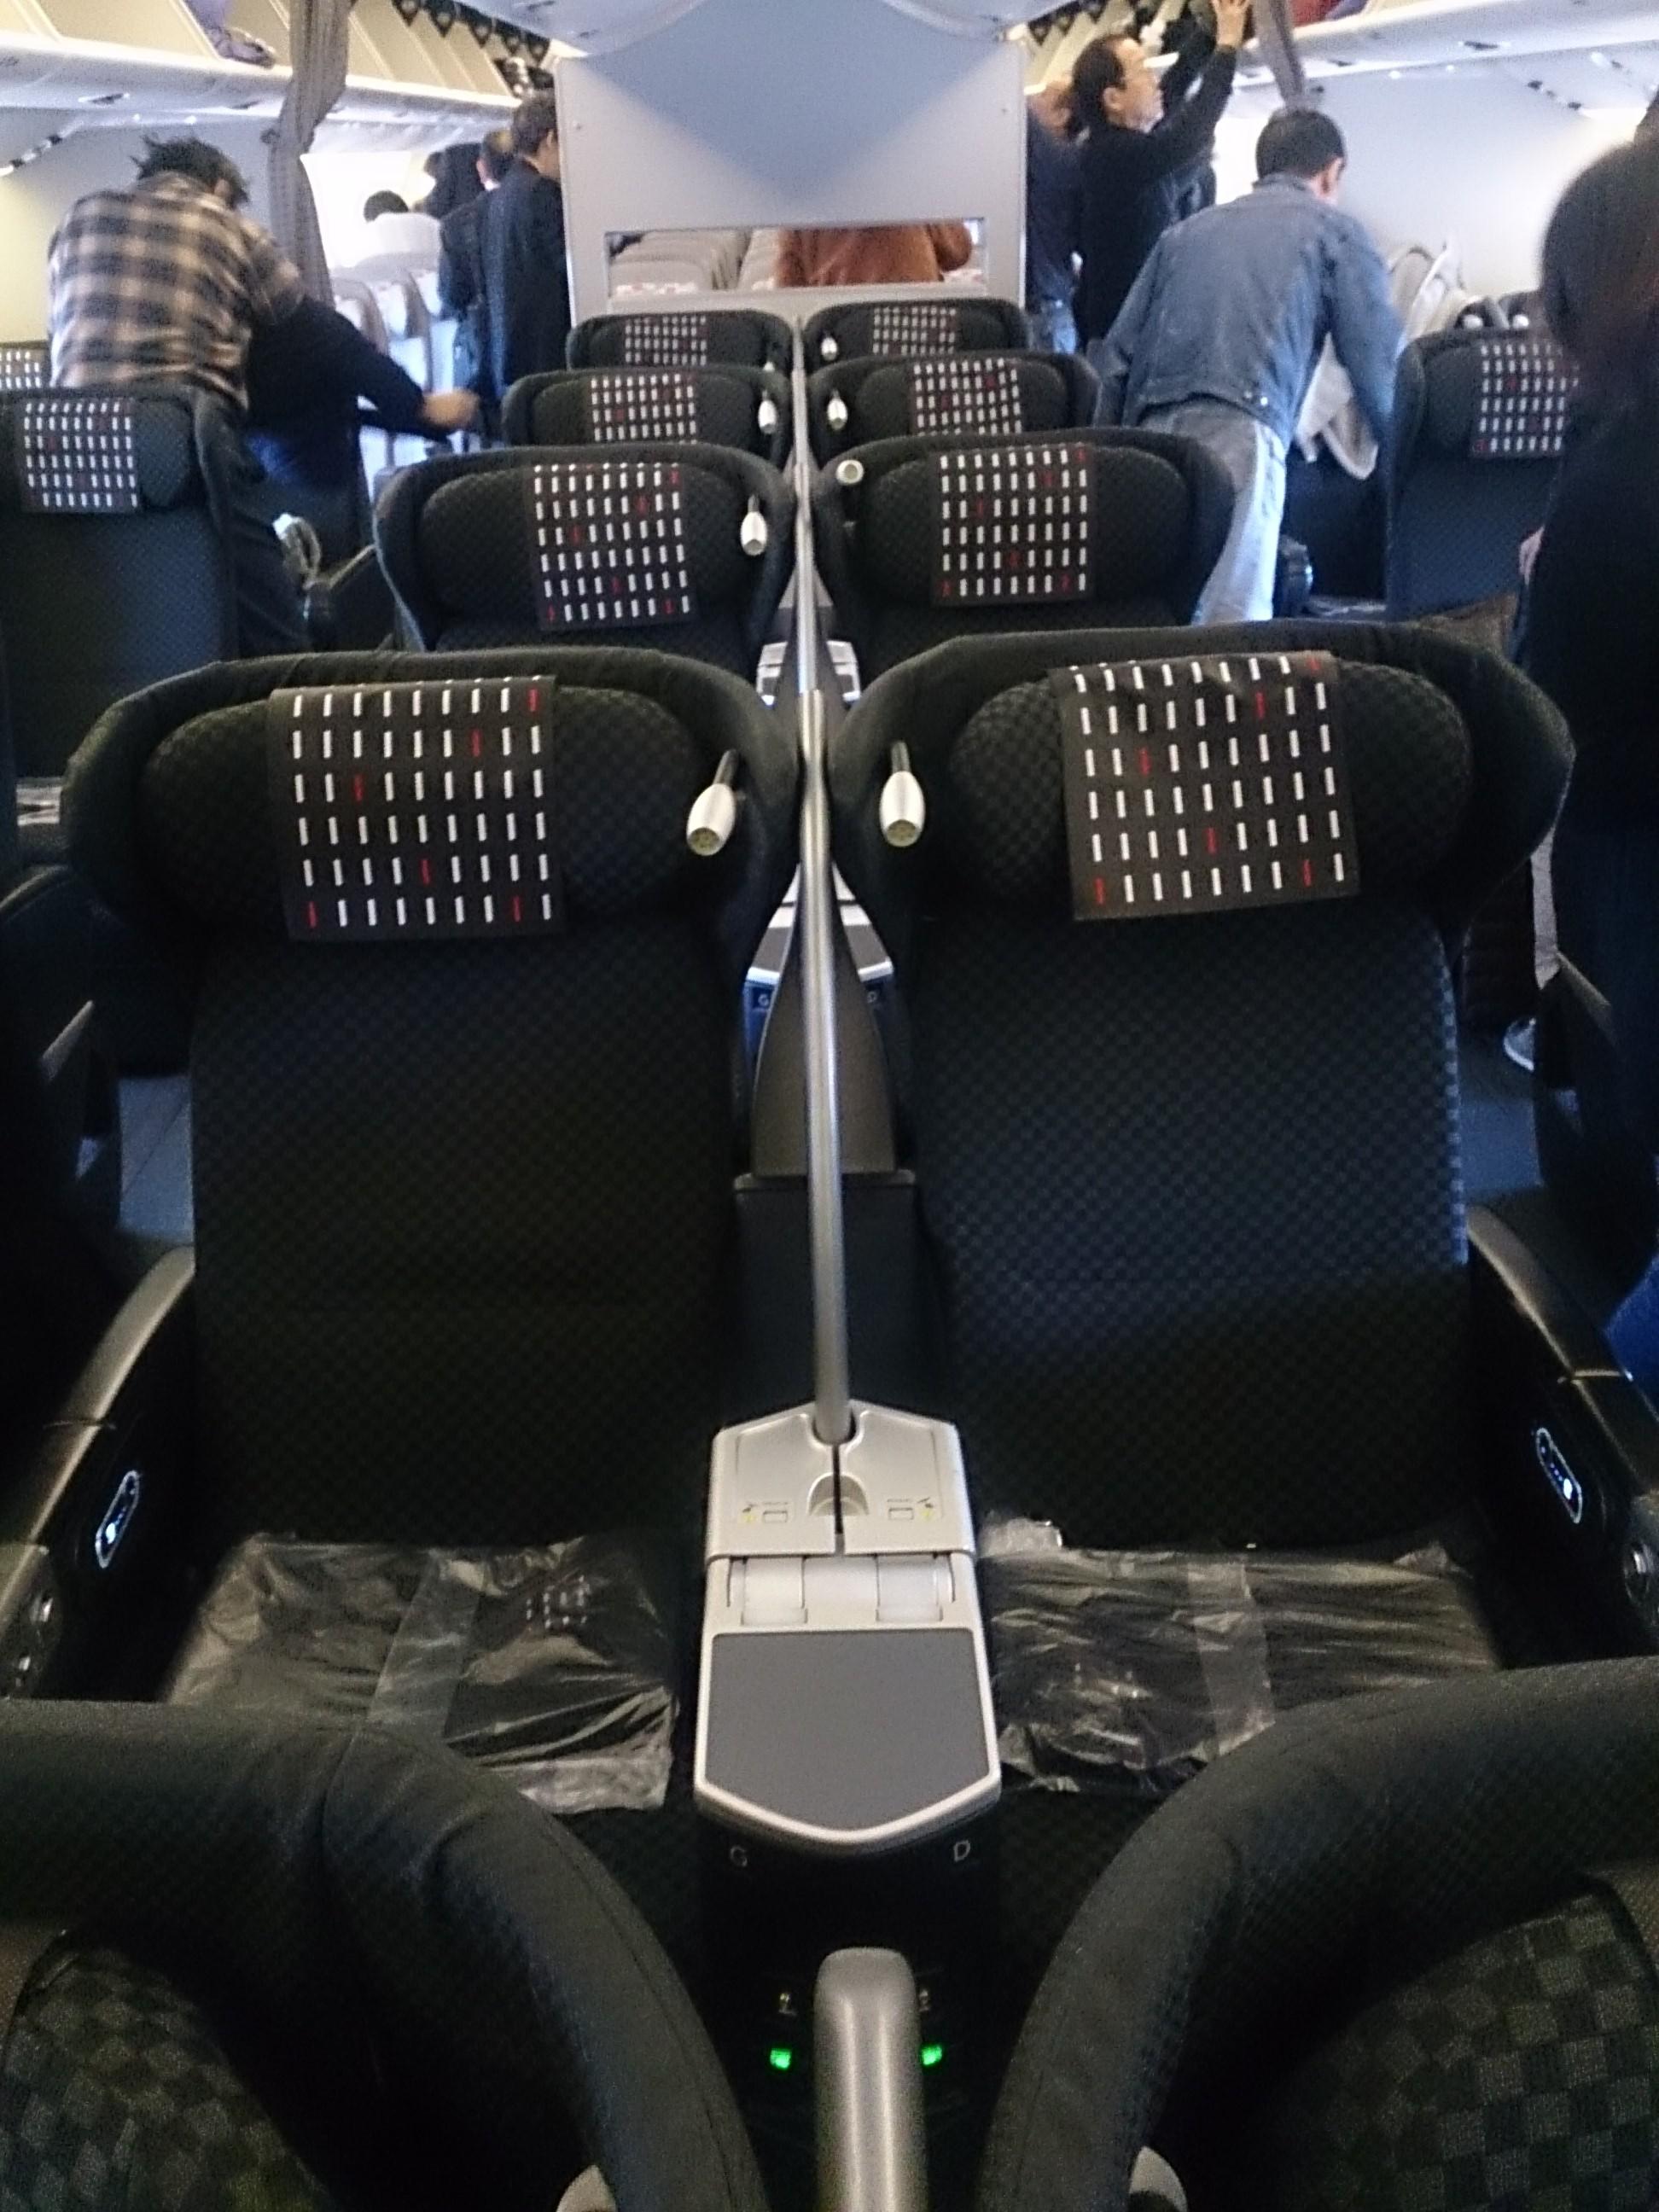 日本航空 広州ー羽田 JL088 ビジネスクラス搭乗記